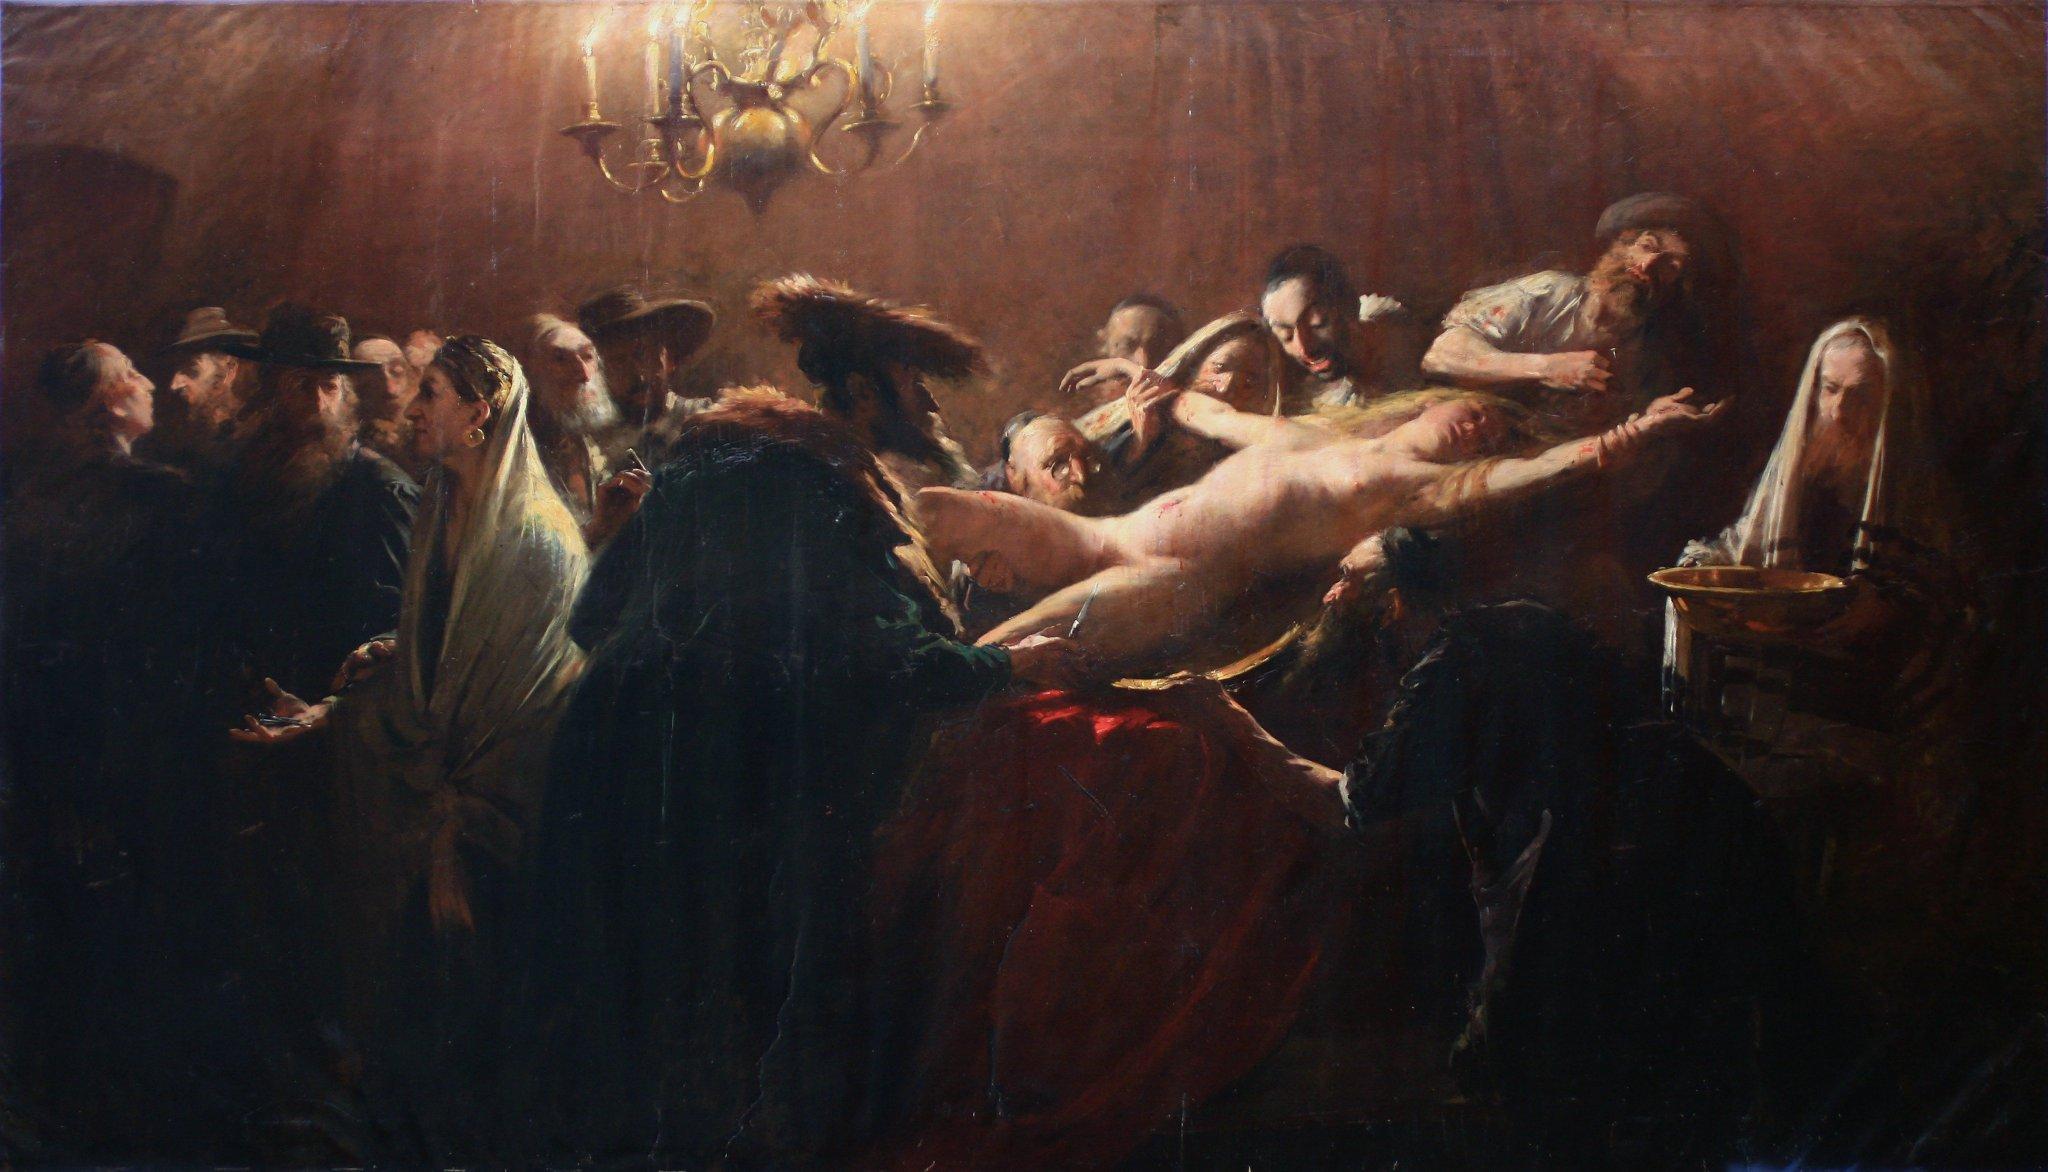 Что такое рукоблудие в православии и как от него избавиться?